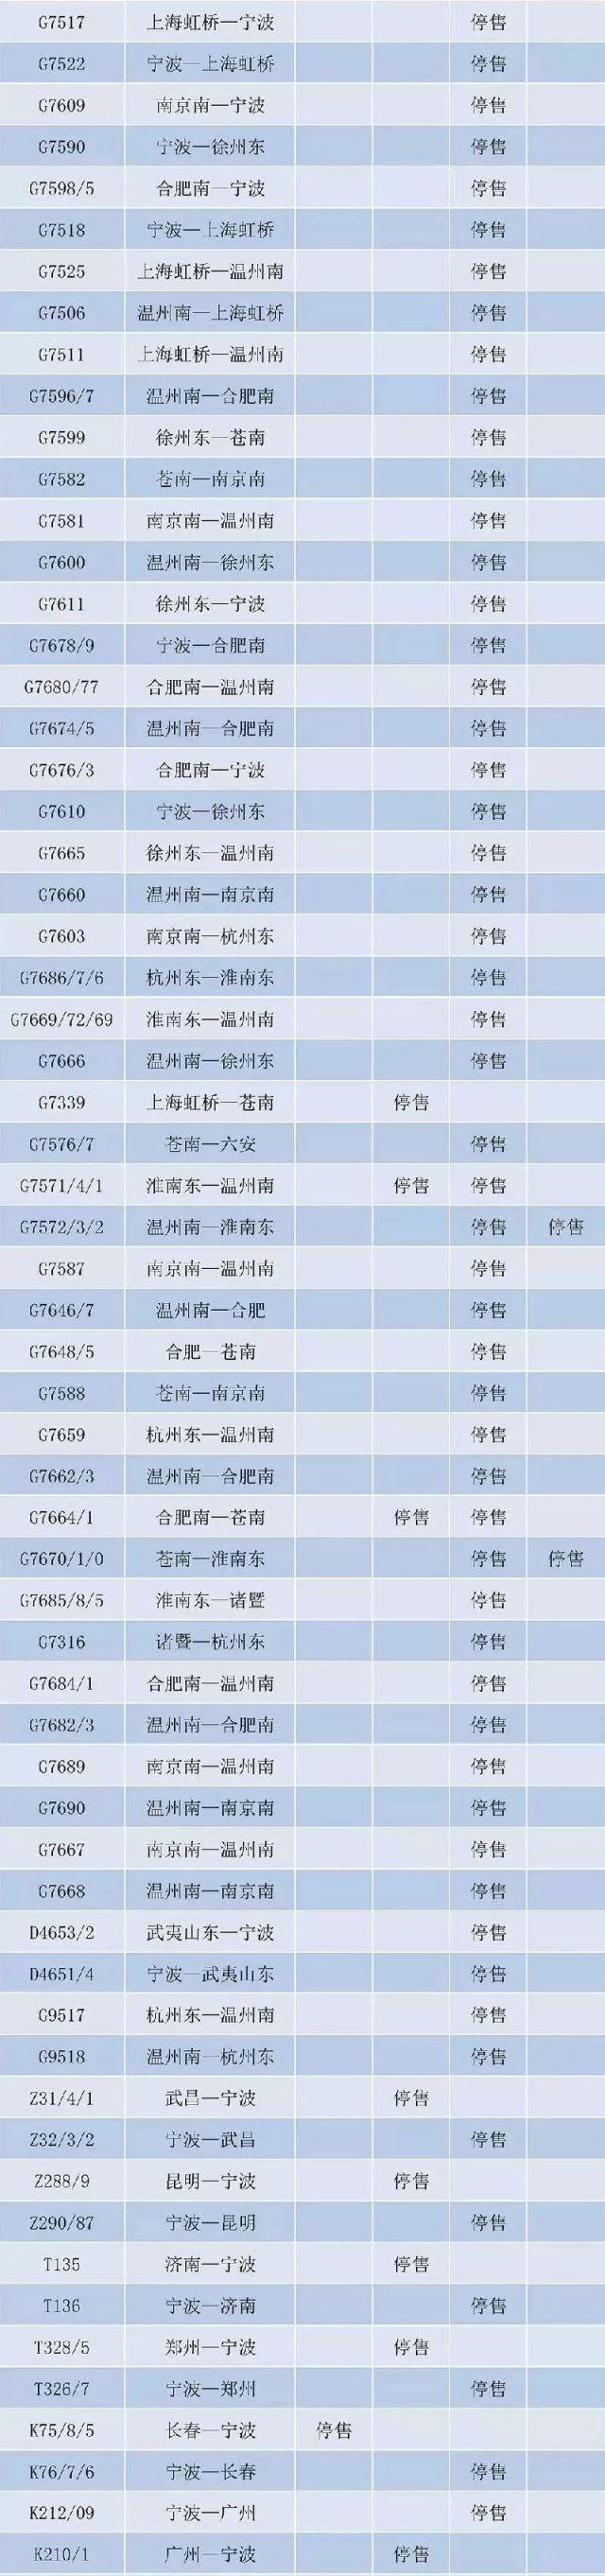 受台风安比影响 上铁暂停发售7月20日至23日部分旅客列车车票